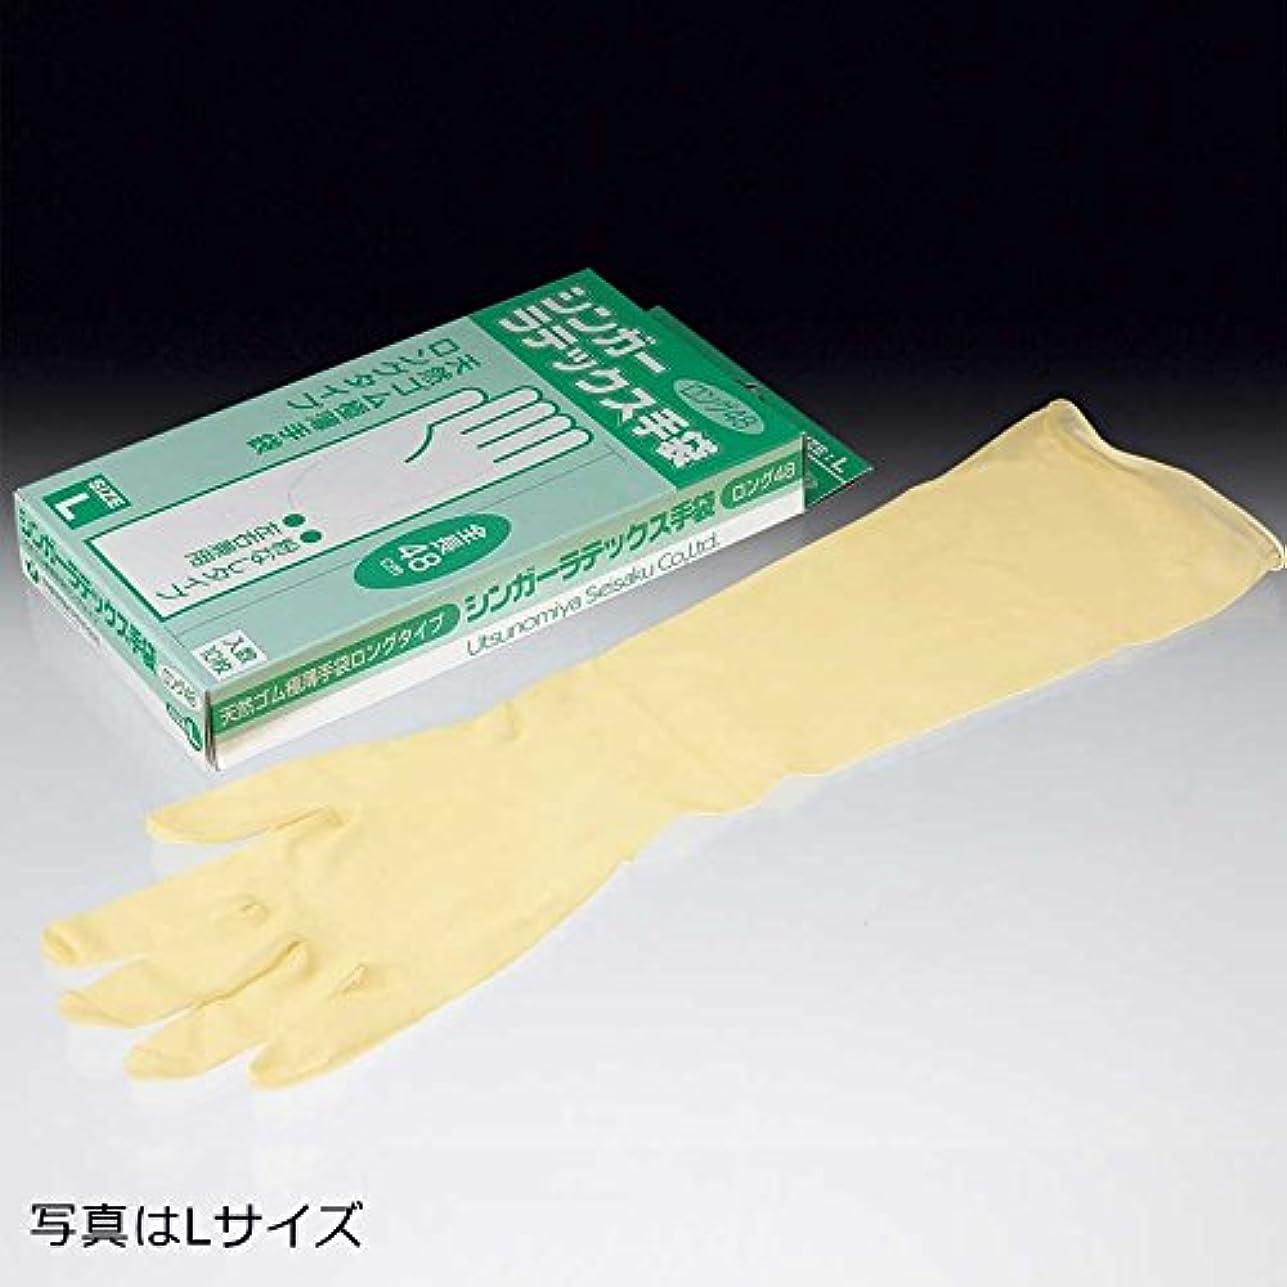 謝る氷実行シンガーラテックス手袋ロング48 使い捨て手袋 粉なし全長48cm200枚(10枚入り20箱) (M)